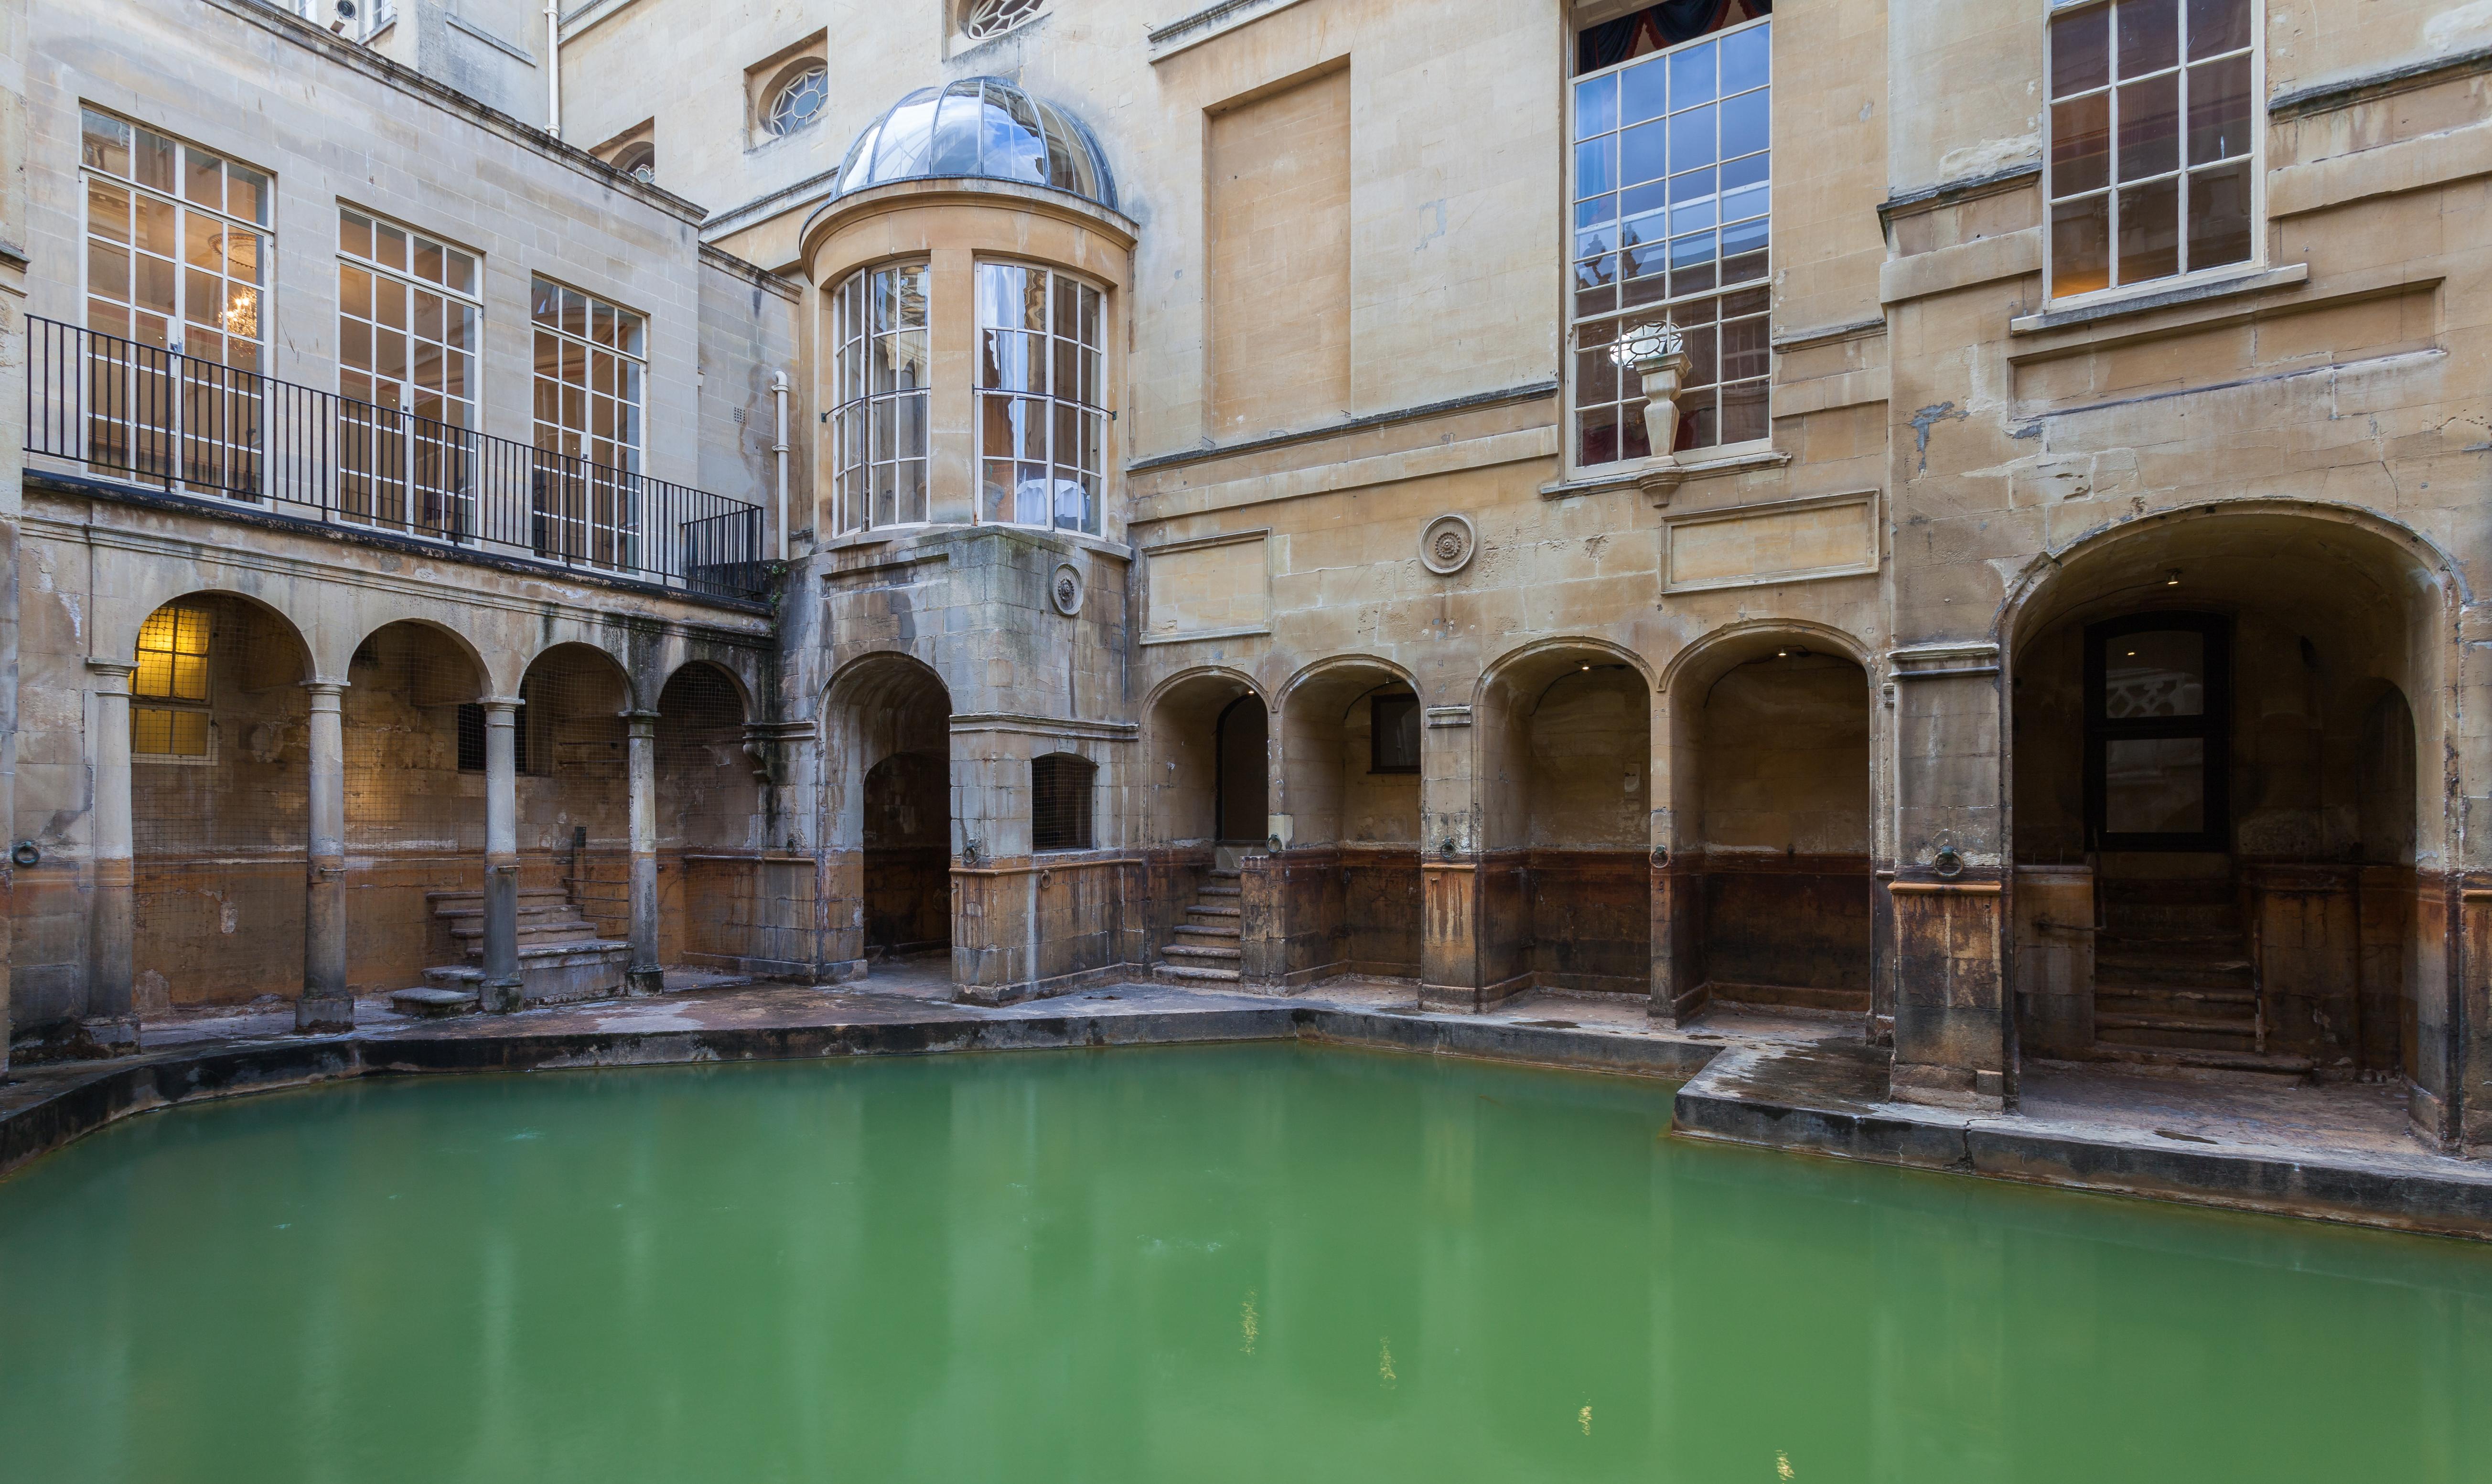 File:Baño del Rey, Baños Romanos, Bath, Inglaterra, 2014 ...